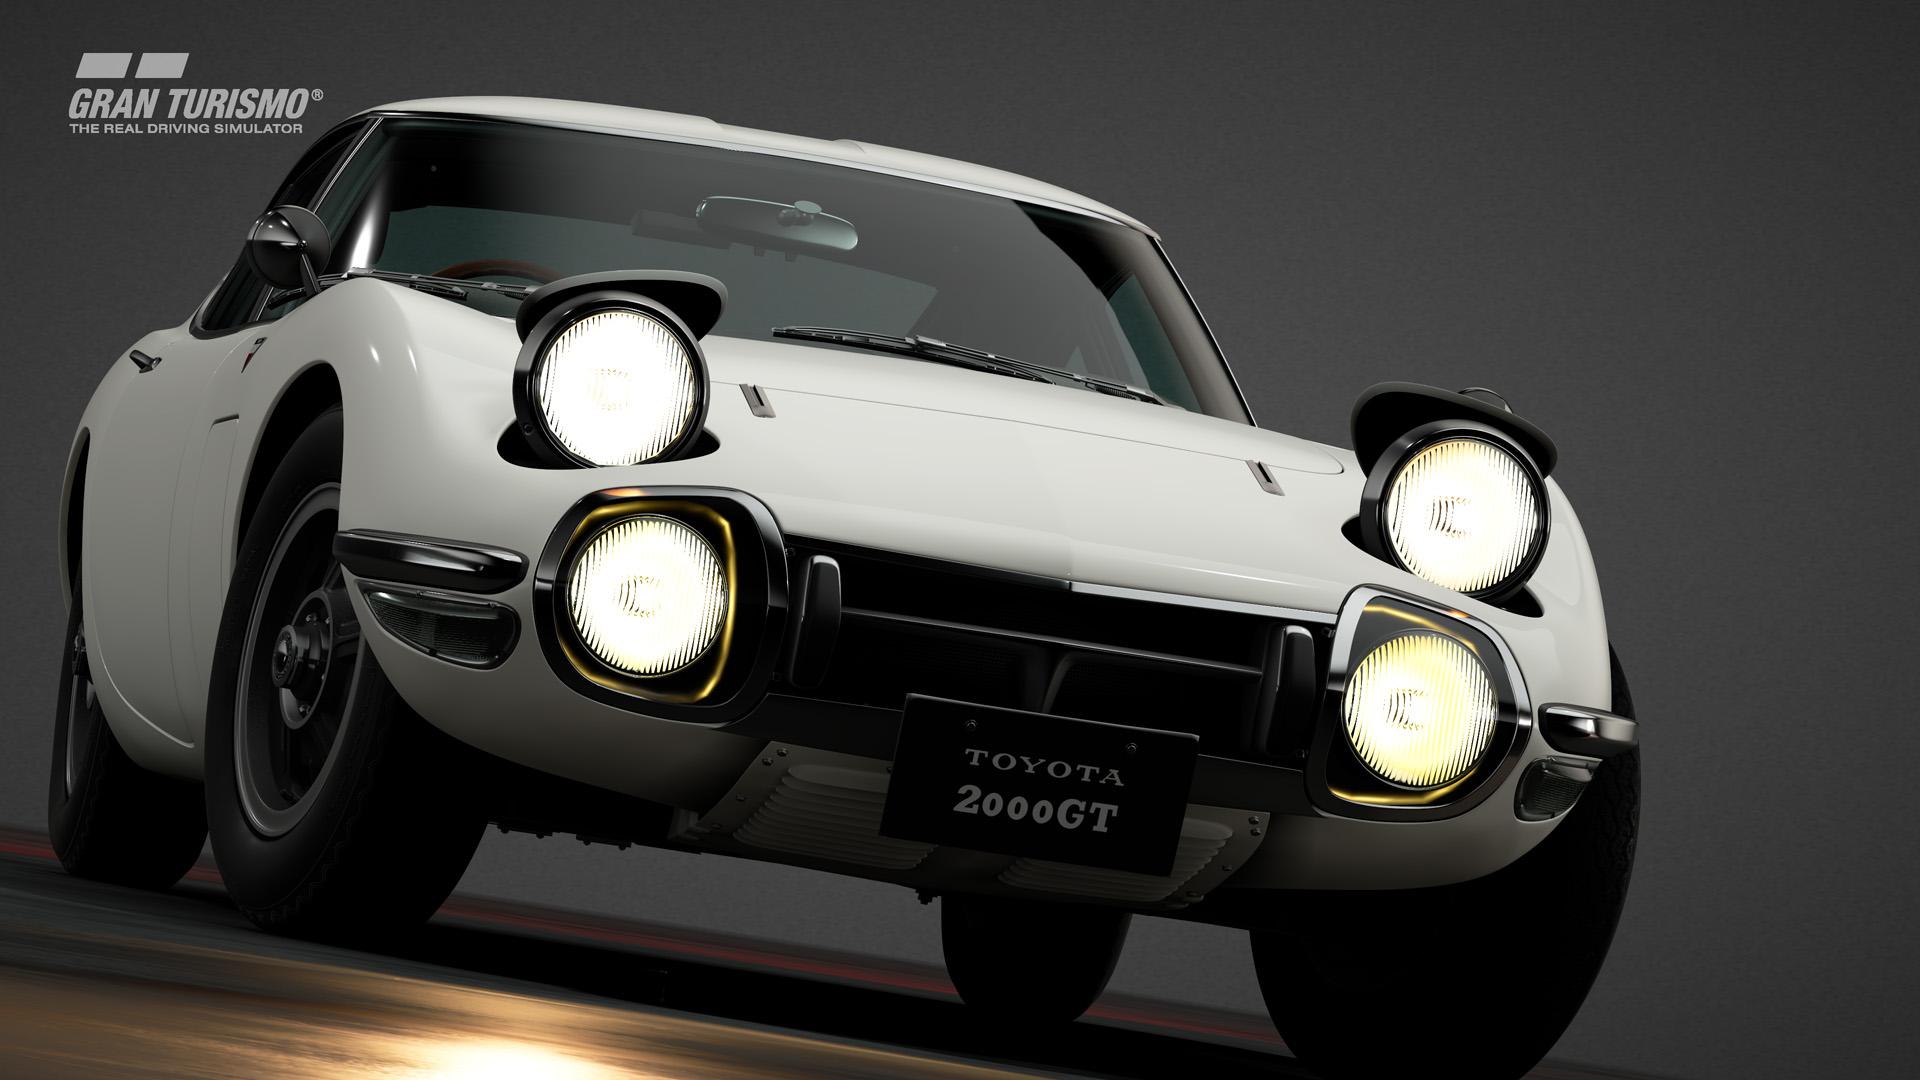 بهروزرسانی ماه ژانویه Gran Turismo Sport اتومبیلها و محتویات جدیدی را به بازی اضافه میکند